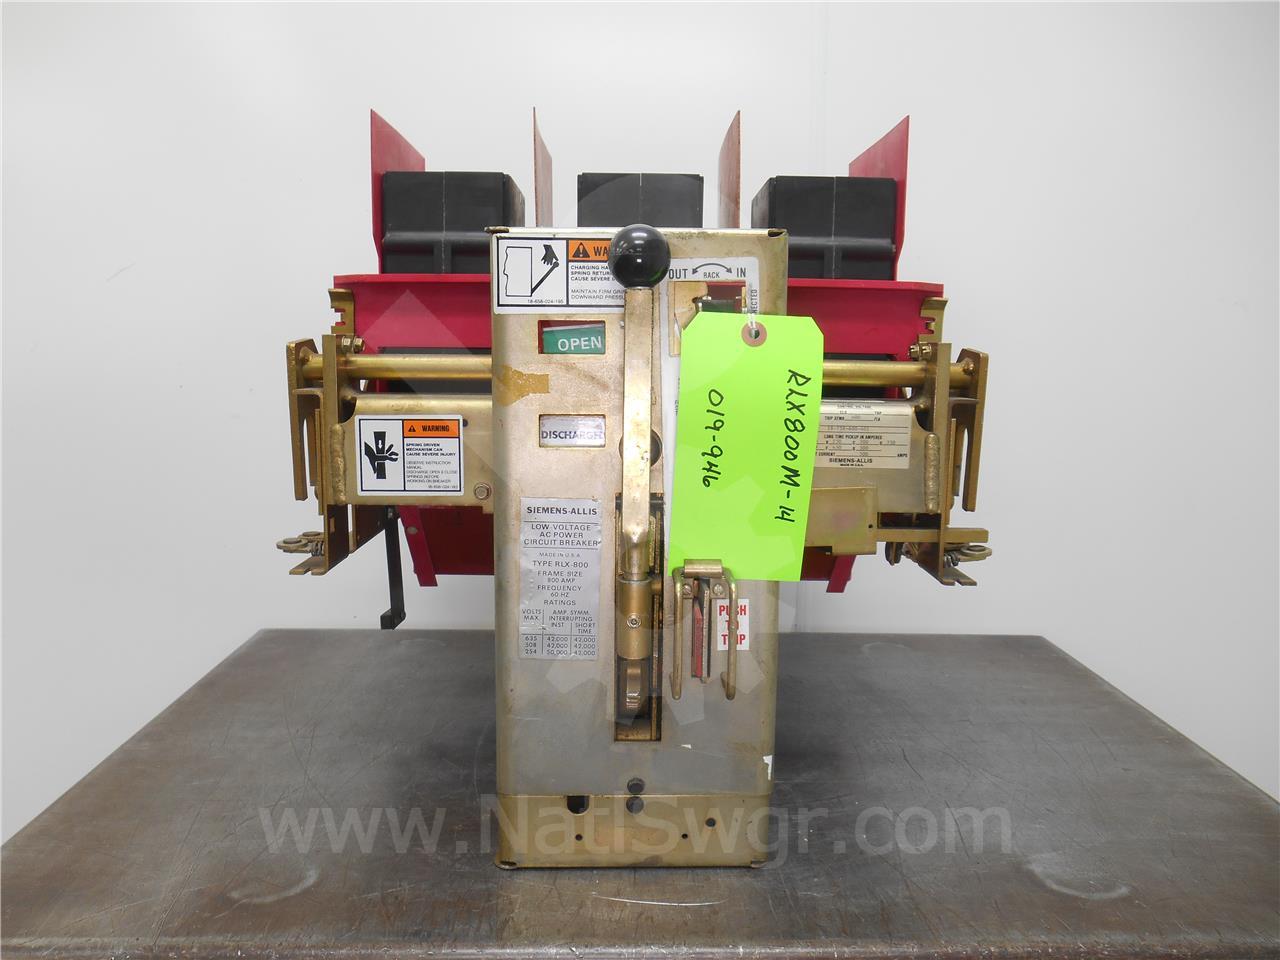 Siemens / Allis Chalmers 800A SA RLX-800 MO/DO